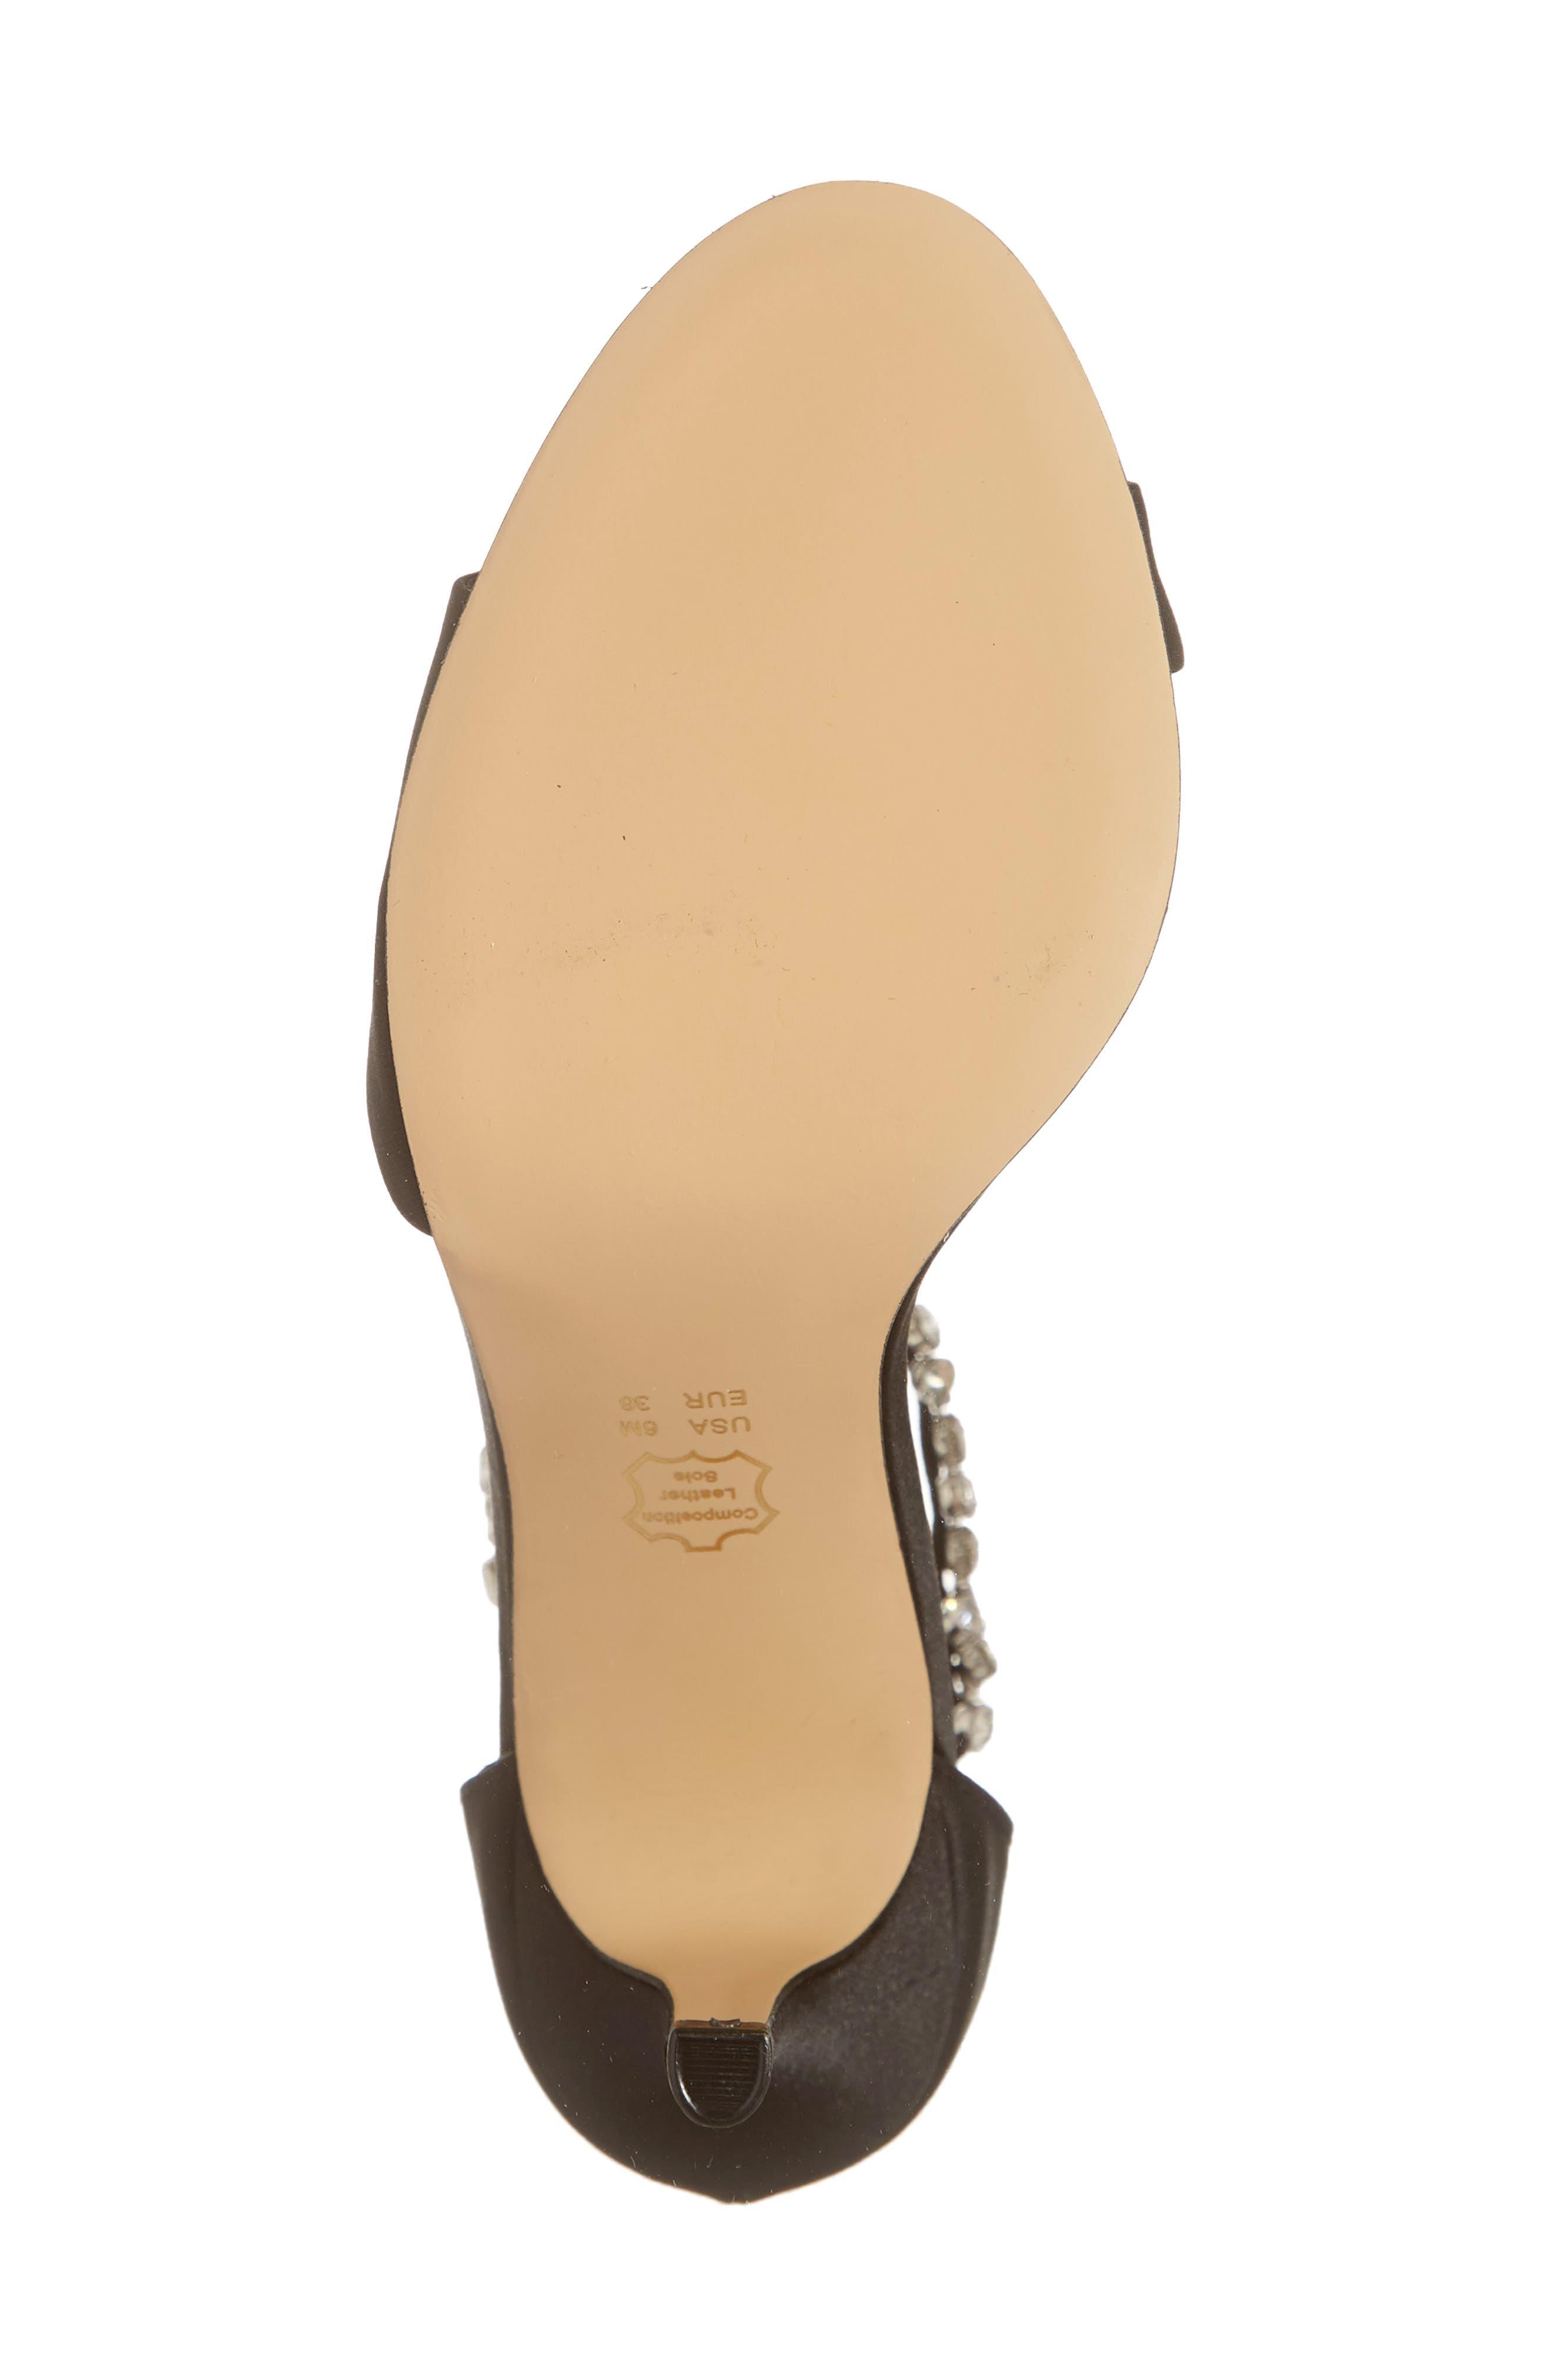 Vera Embellished Ankle Strap Sandal,                             Alternate thumbnail 6, color,                             BLACK SATIN